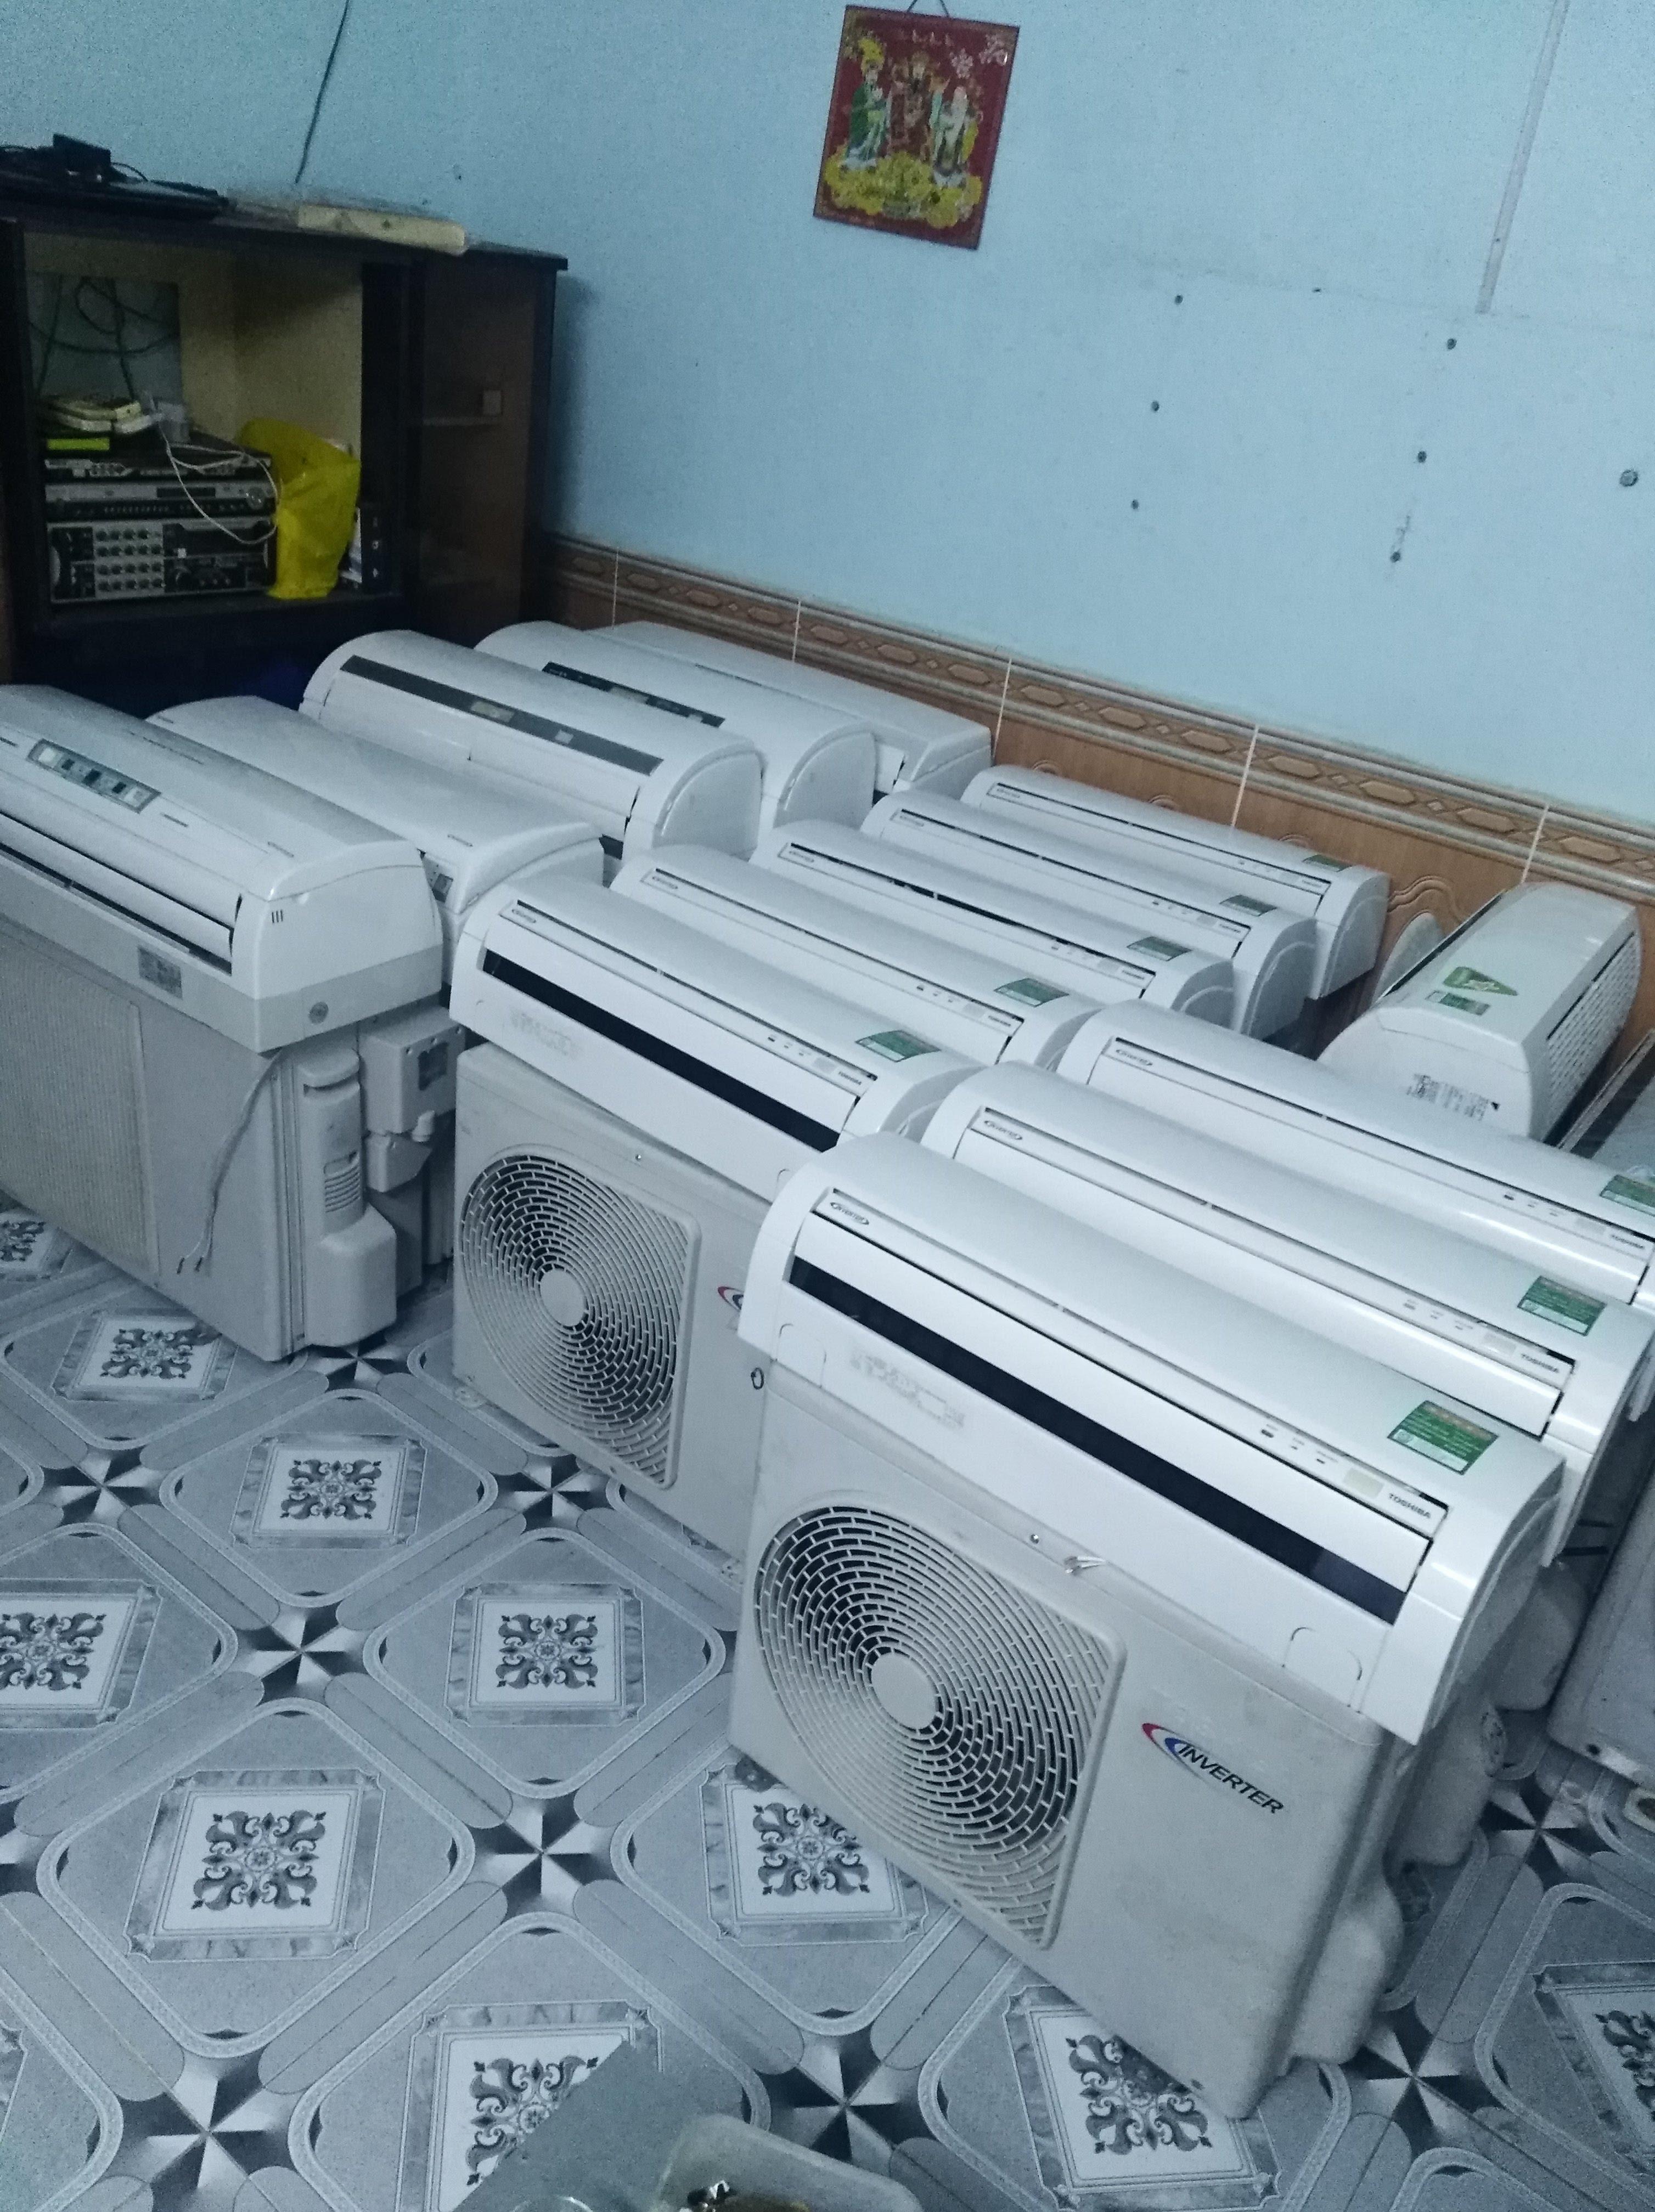 Cơ điện lạnh Khôi Nguyên với hơn 15 kinh nghiệm trong việc sửa chữa các loại máy lạnh